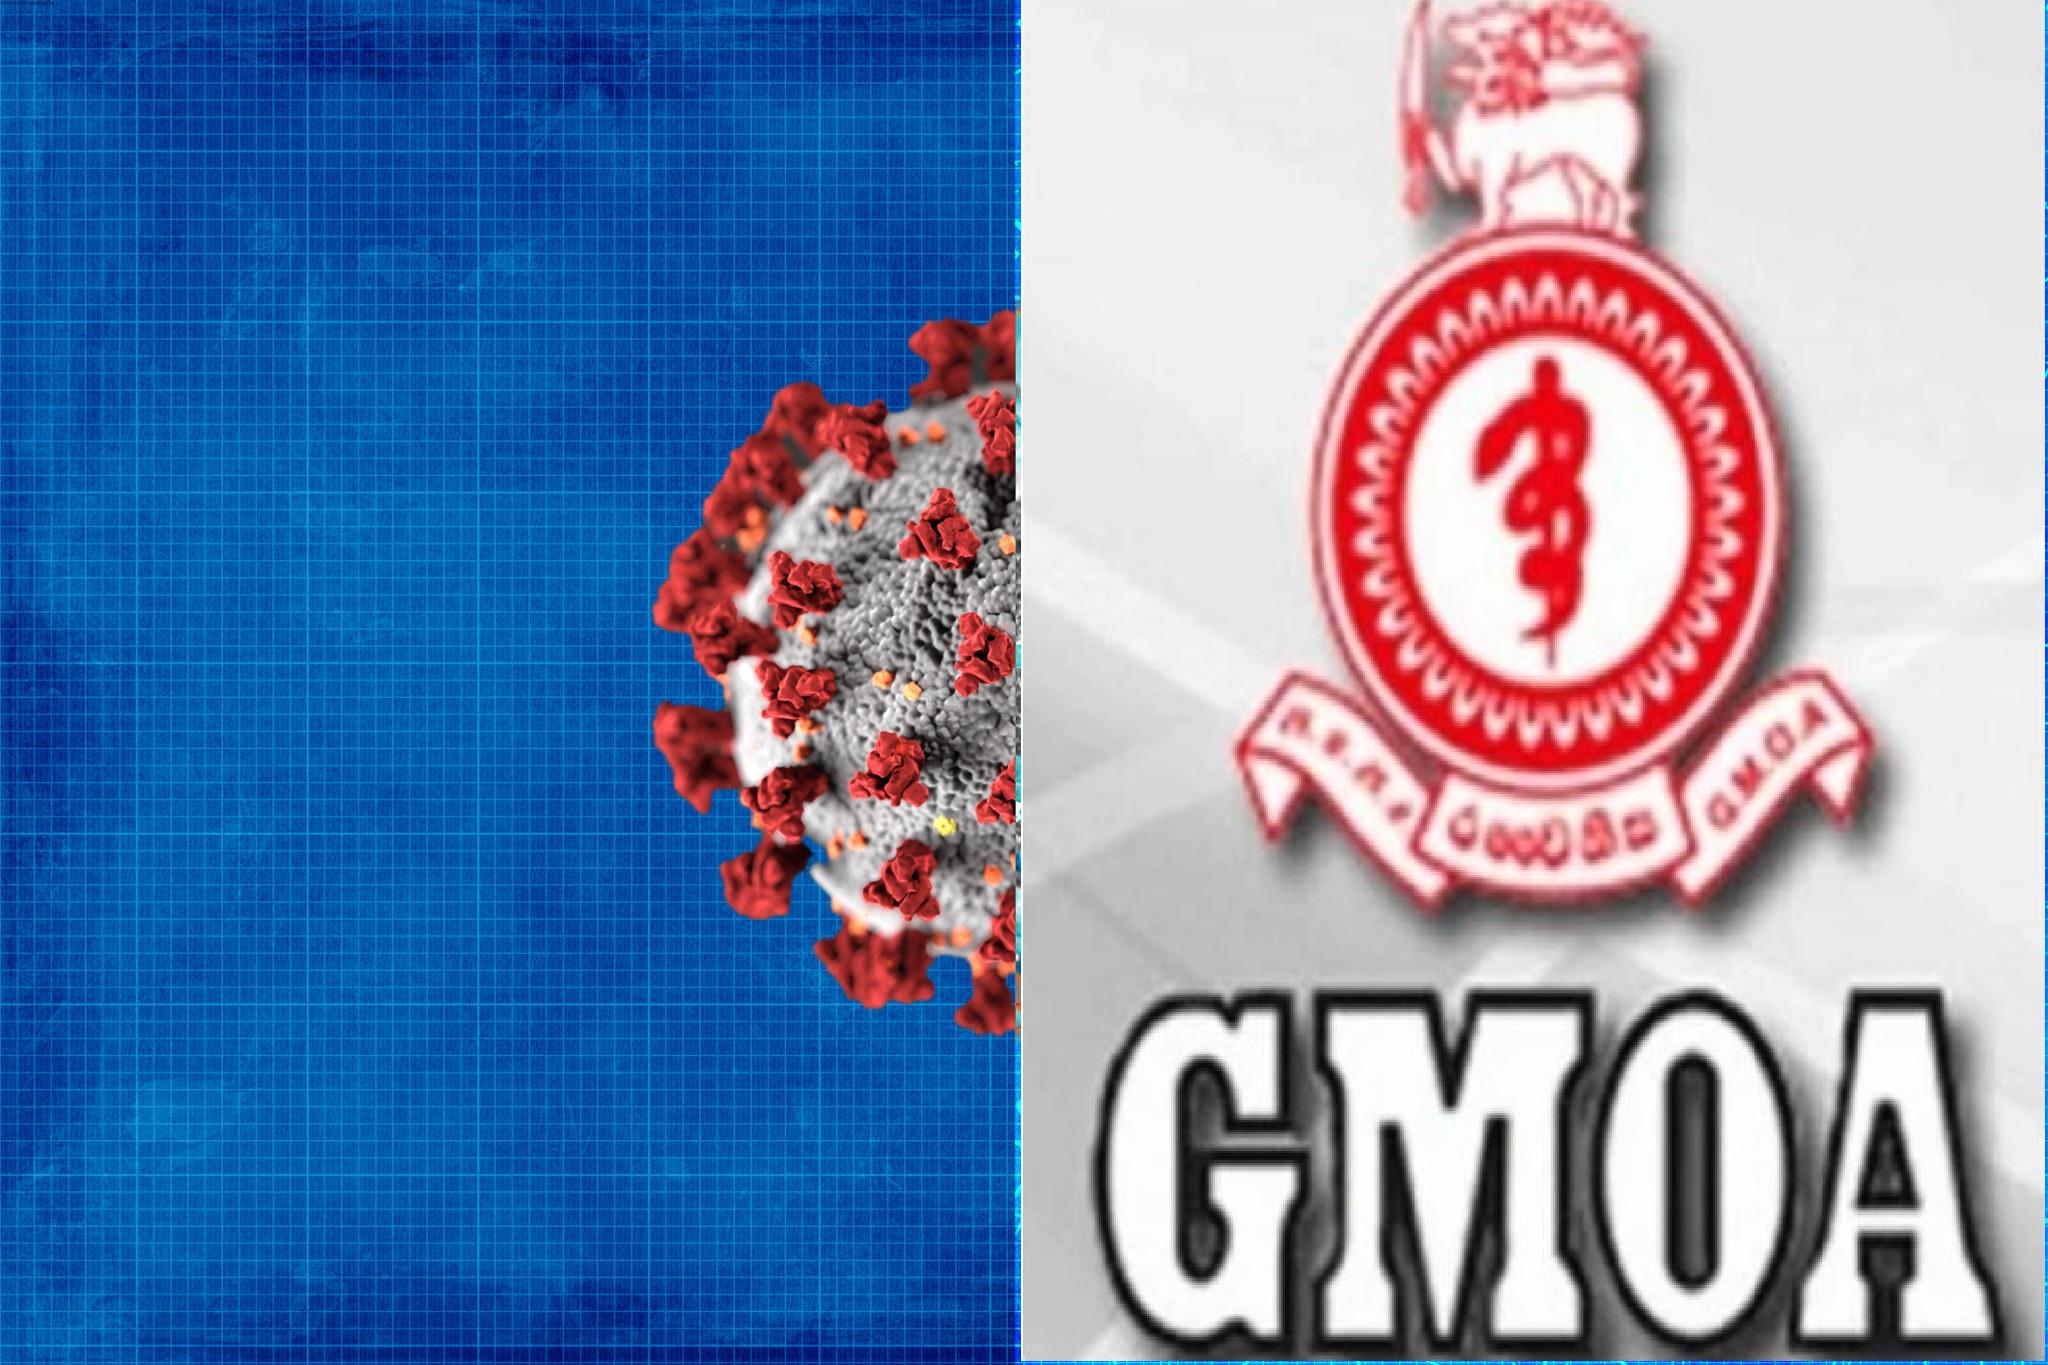 5වන රැල්ලක් ගැන GMOA ප්රබල අනතුරු ඇඟවීමක්